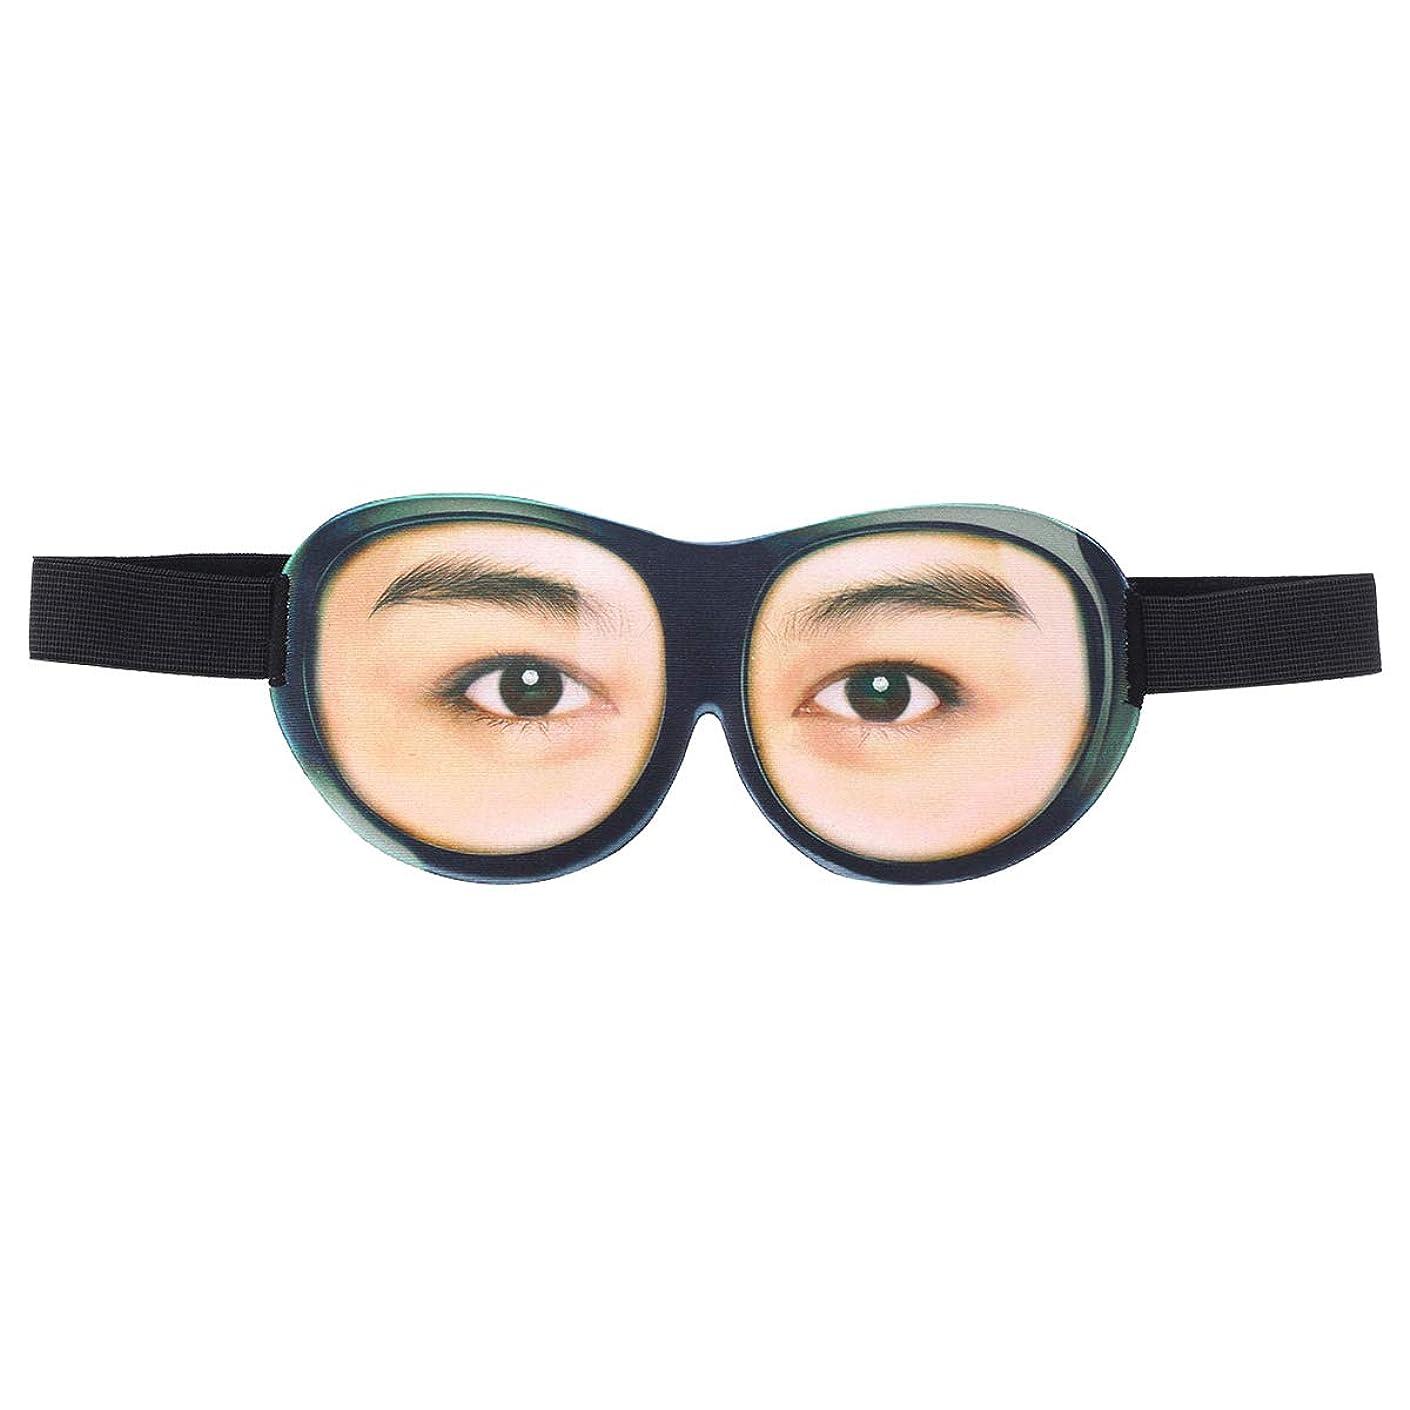 おとうさん窓を洗うインシデントSUPVOX 面白いアイシェード3Dスリープマスクブラインドパッチアイマスク目隠し